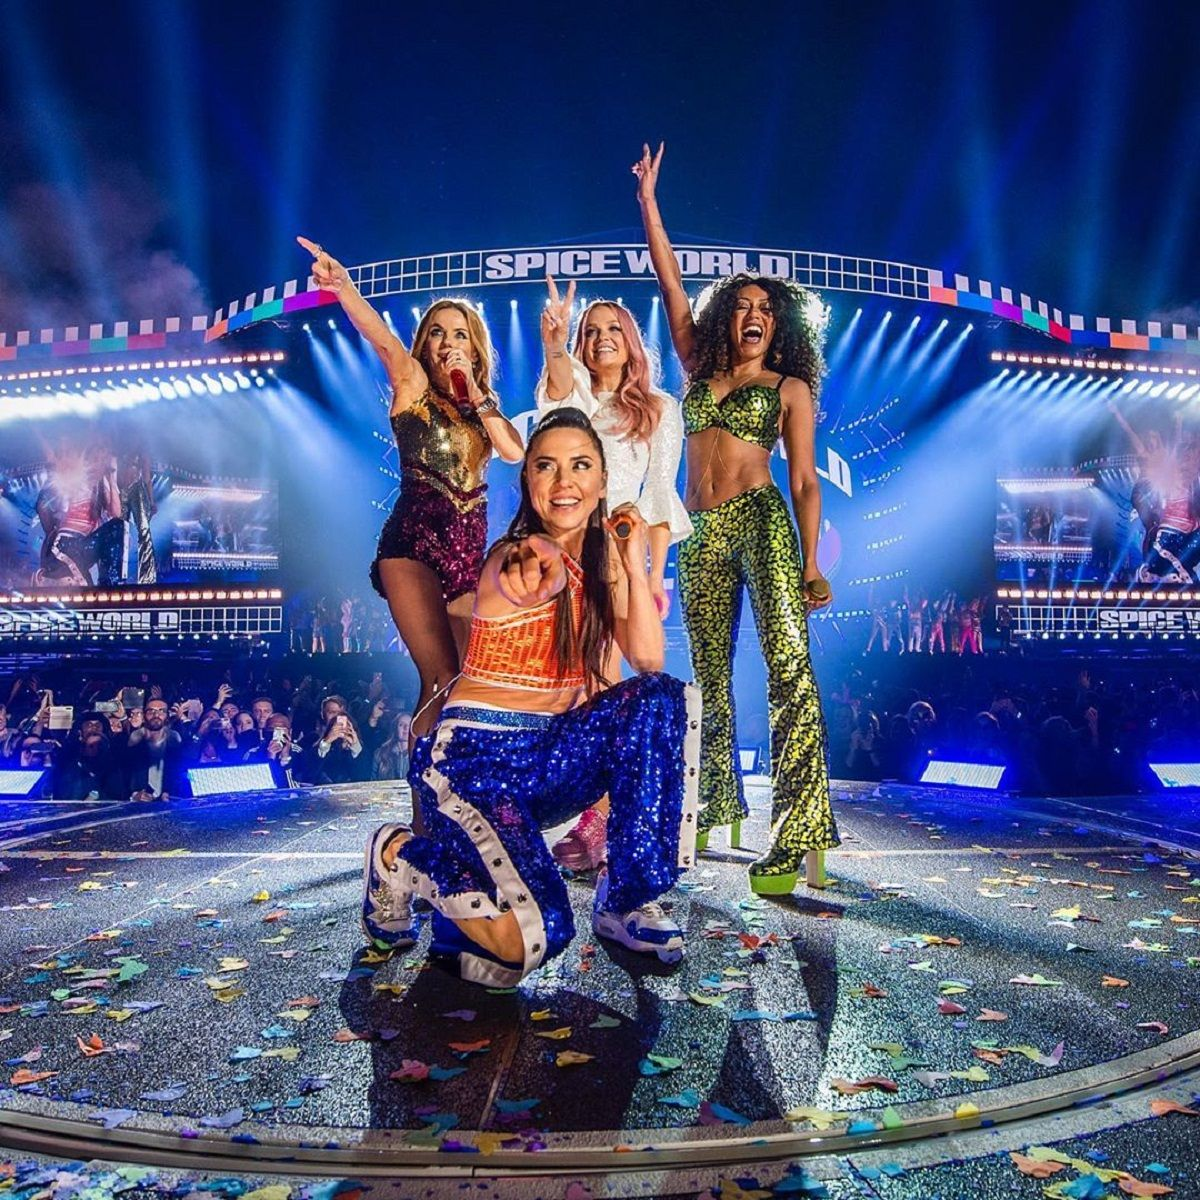 Escándalo en un show de las Spice Girls: problemas técnicos y devolución de entradas